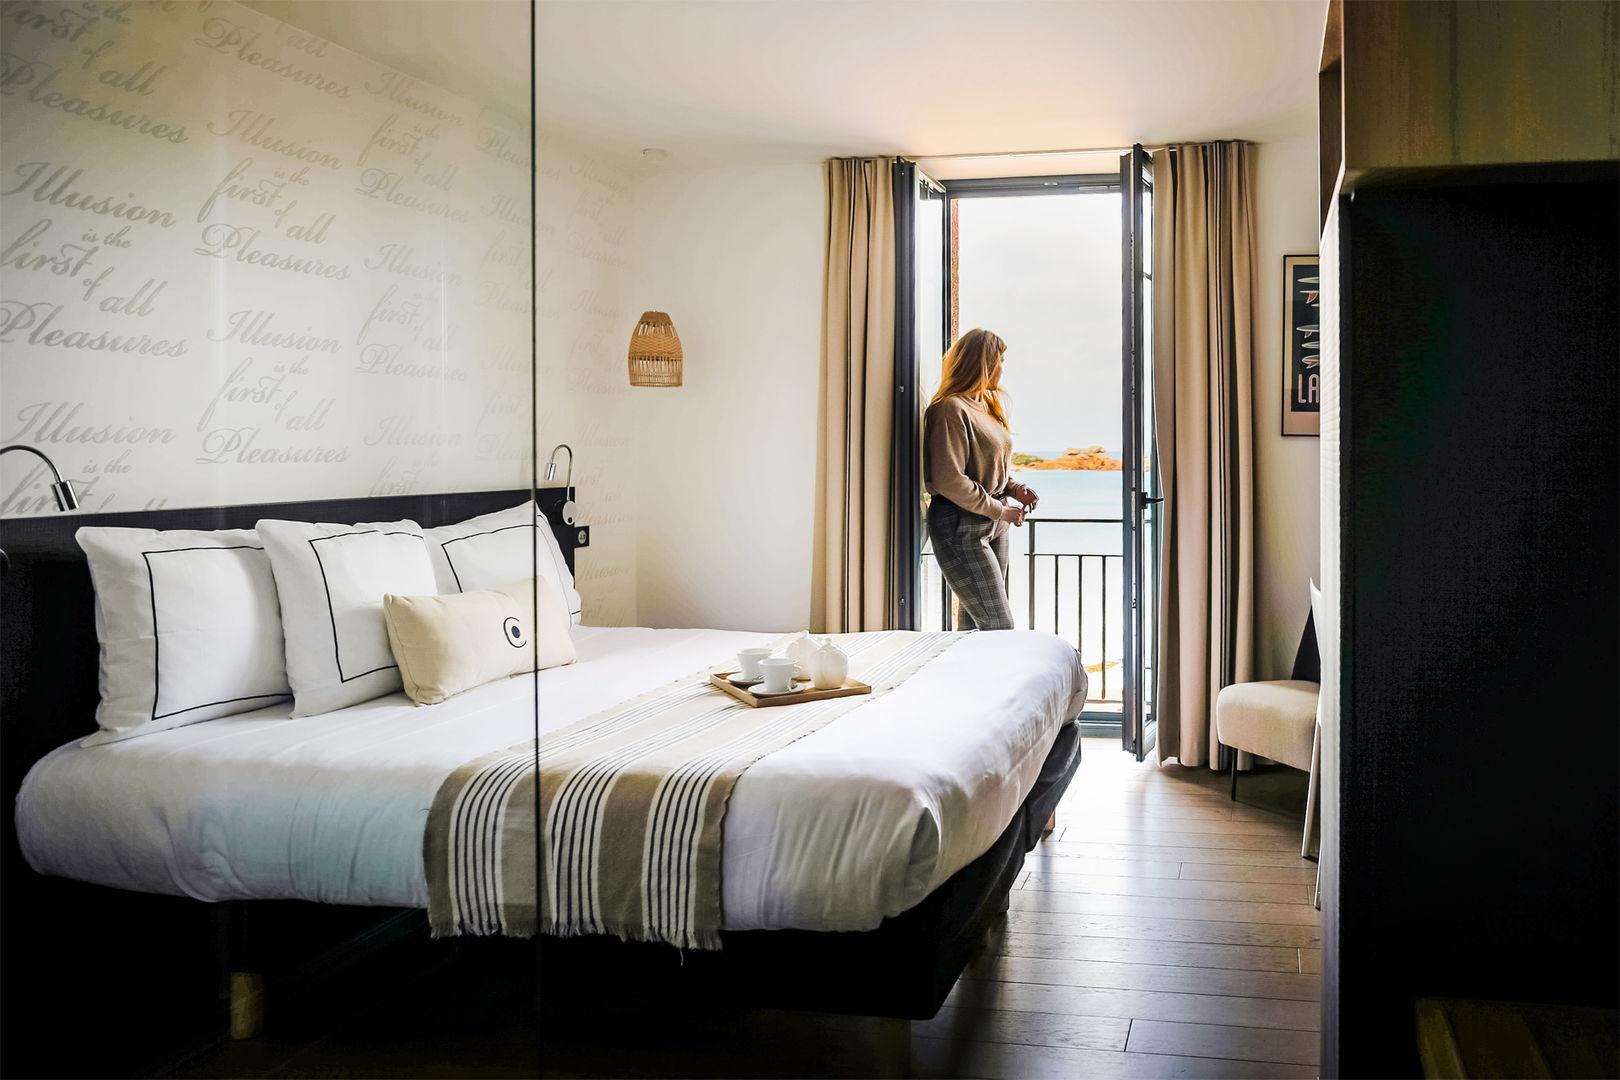 Perros-guirec_2020-09_chambre-castel-beau-site_Oeil-de-paco